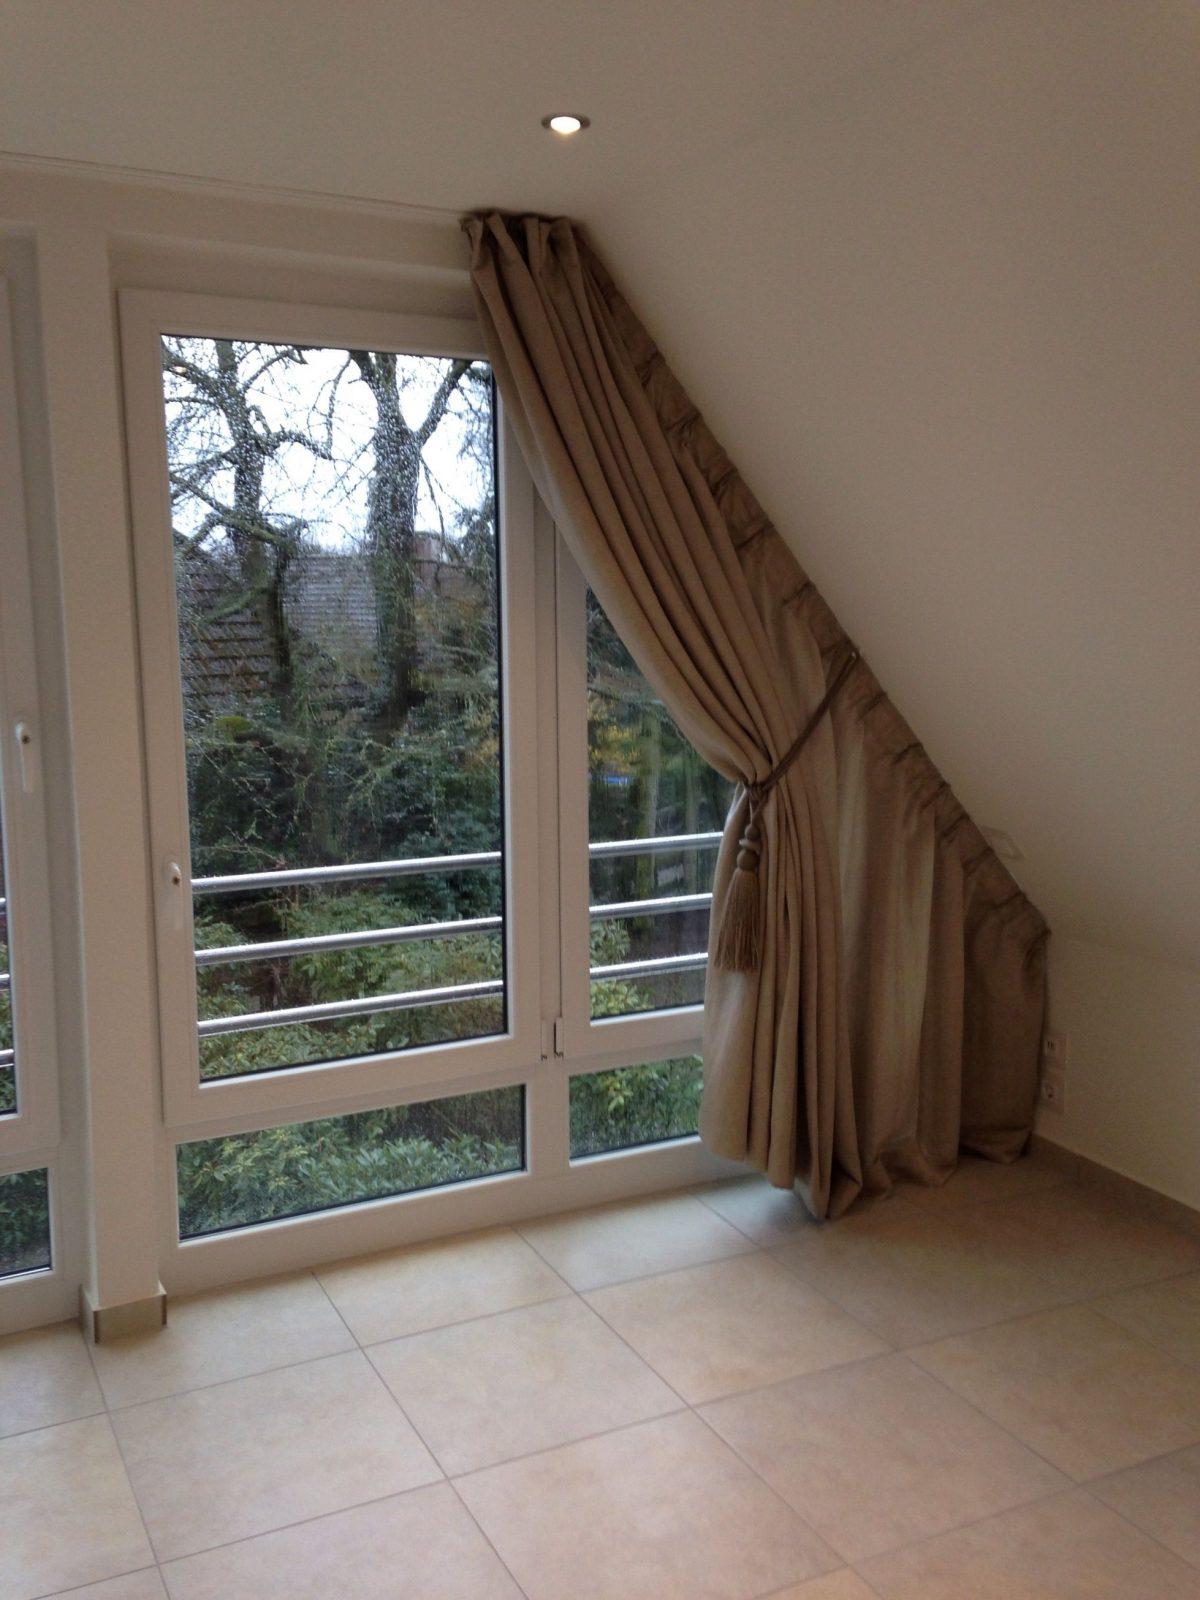 Wir Bekommen Auch An Ihre Dachschräge Einen Vorhang Dran  Otthonka von Gardinen Für Dachfenster Ideen Bild